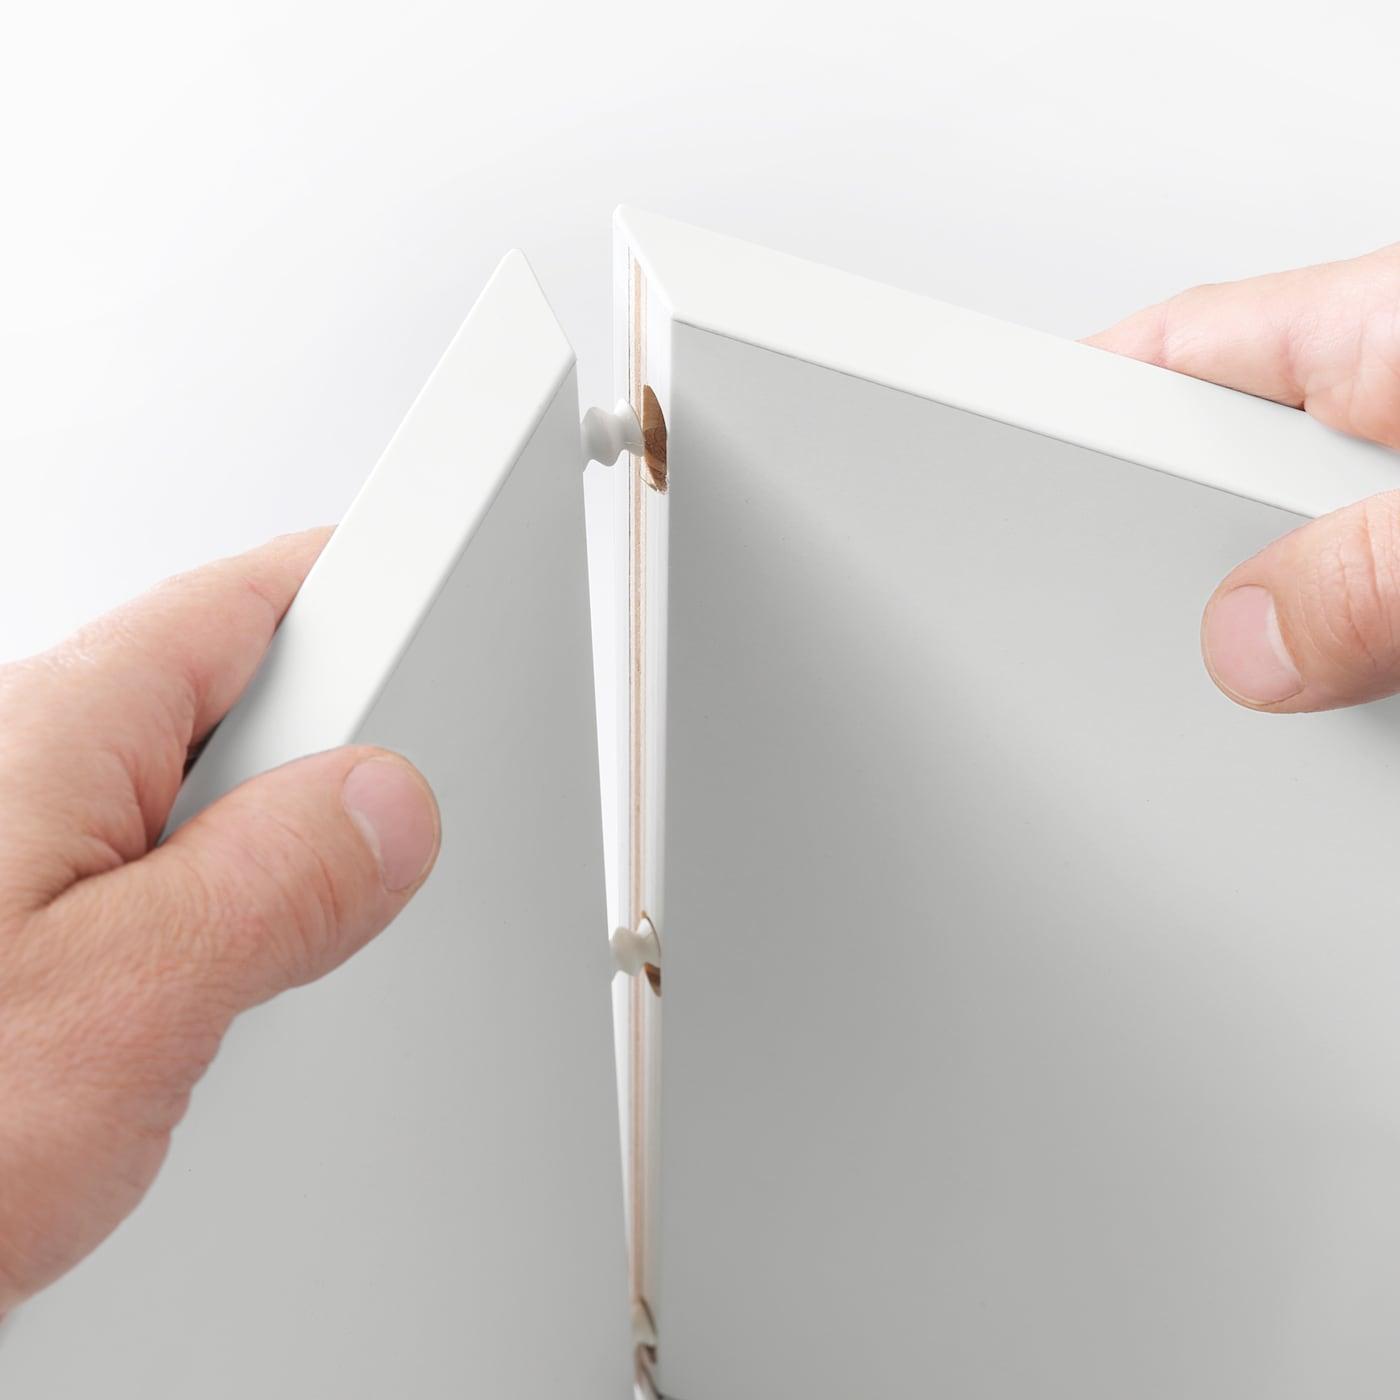 EKET Regalelement 4 Fächer, wandmontiert hellgrau IKEA